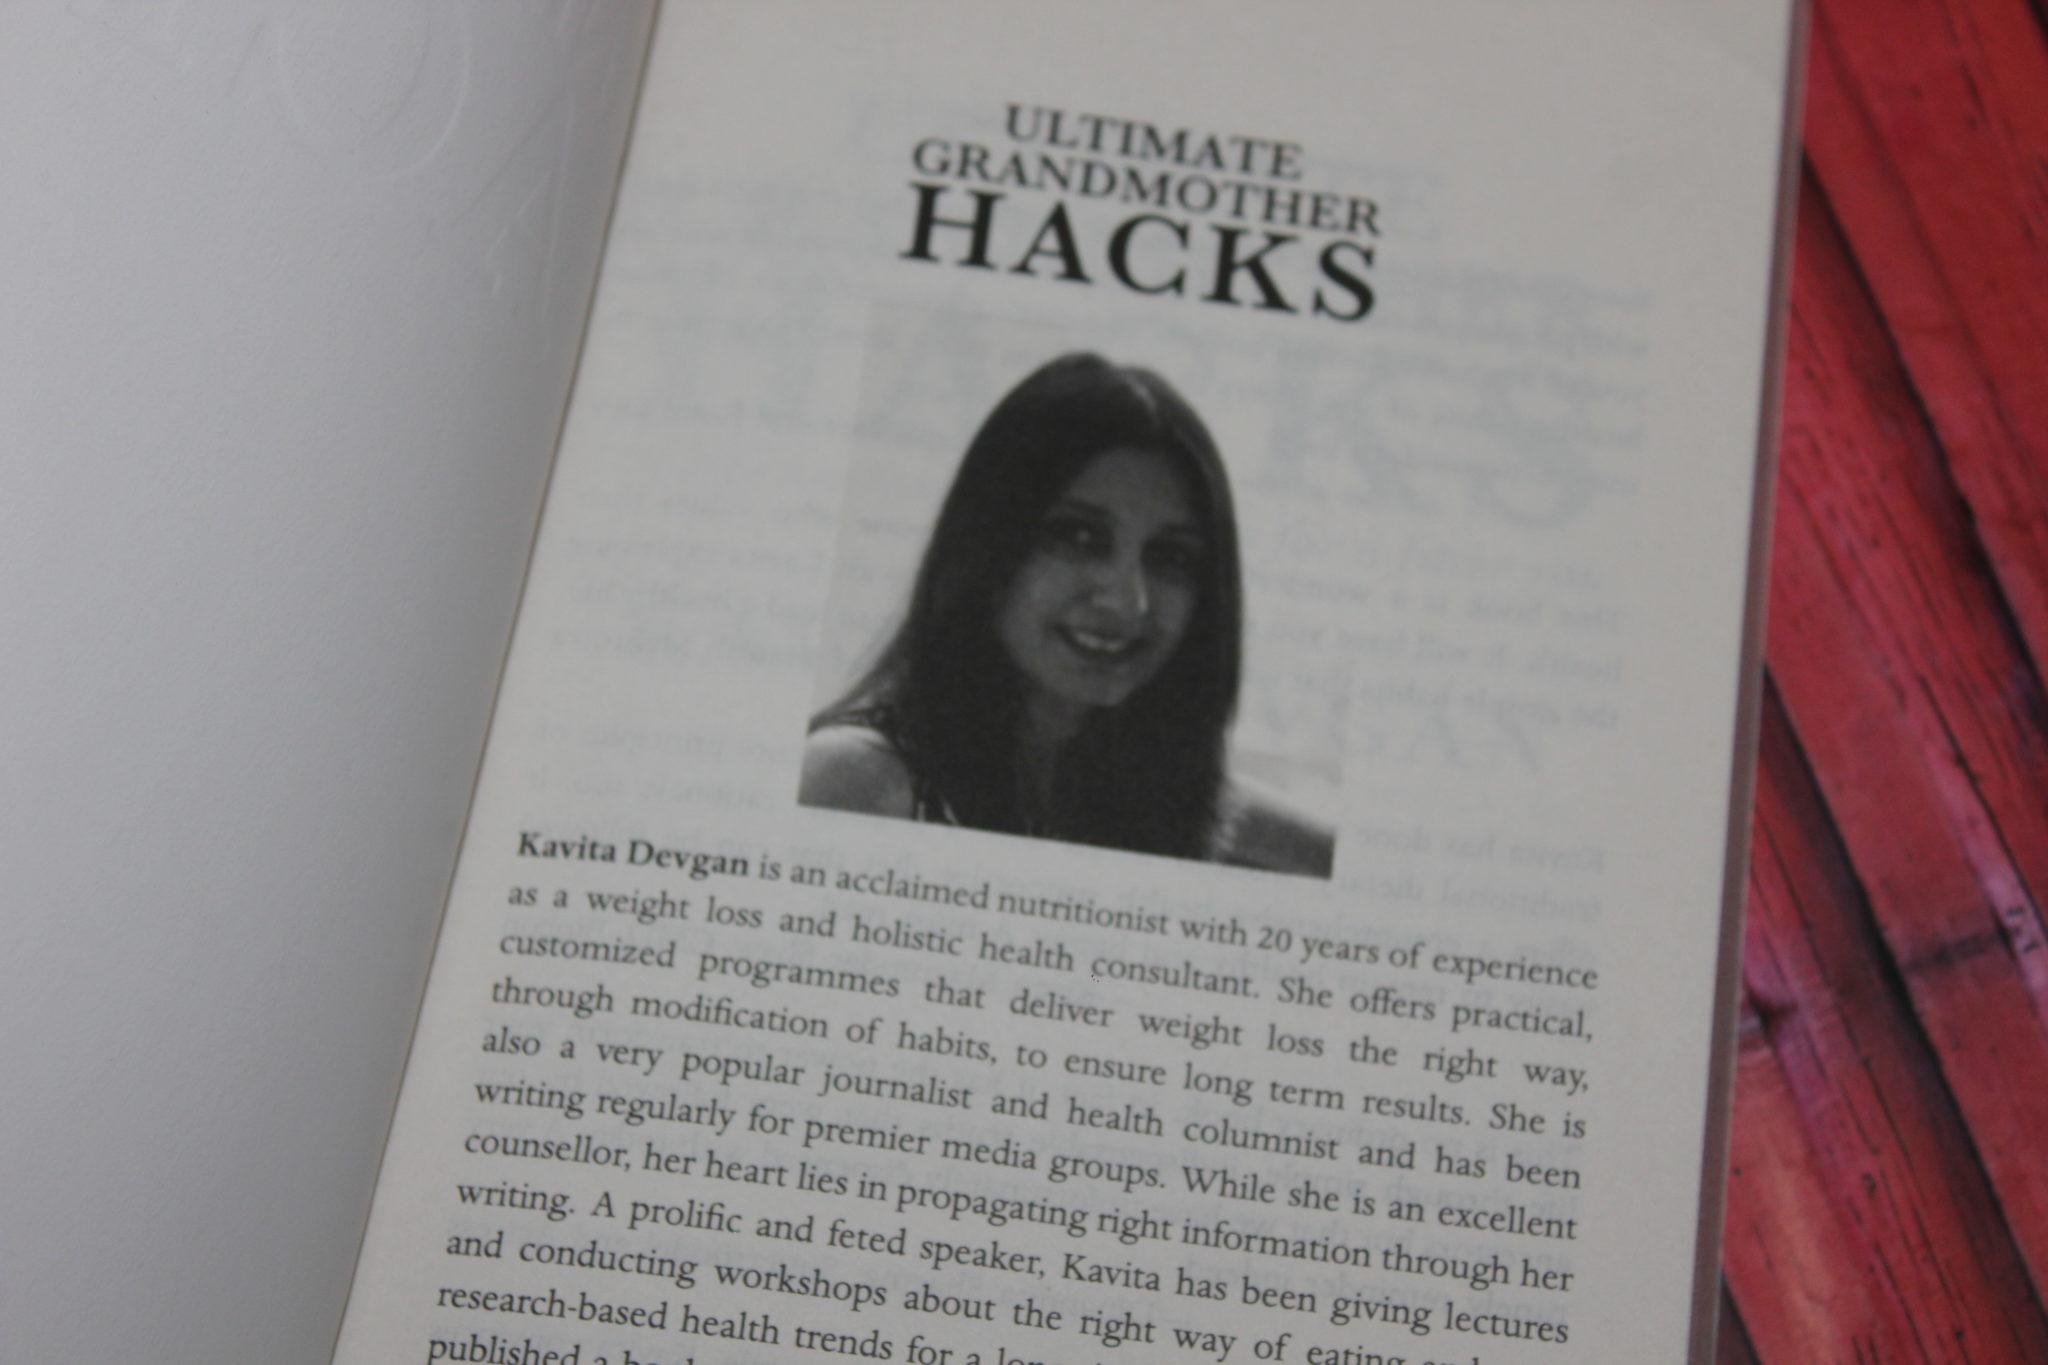 Ultimate Grandmoother hacks by Kavita Devgan